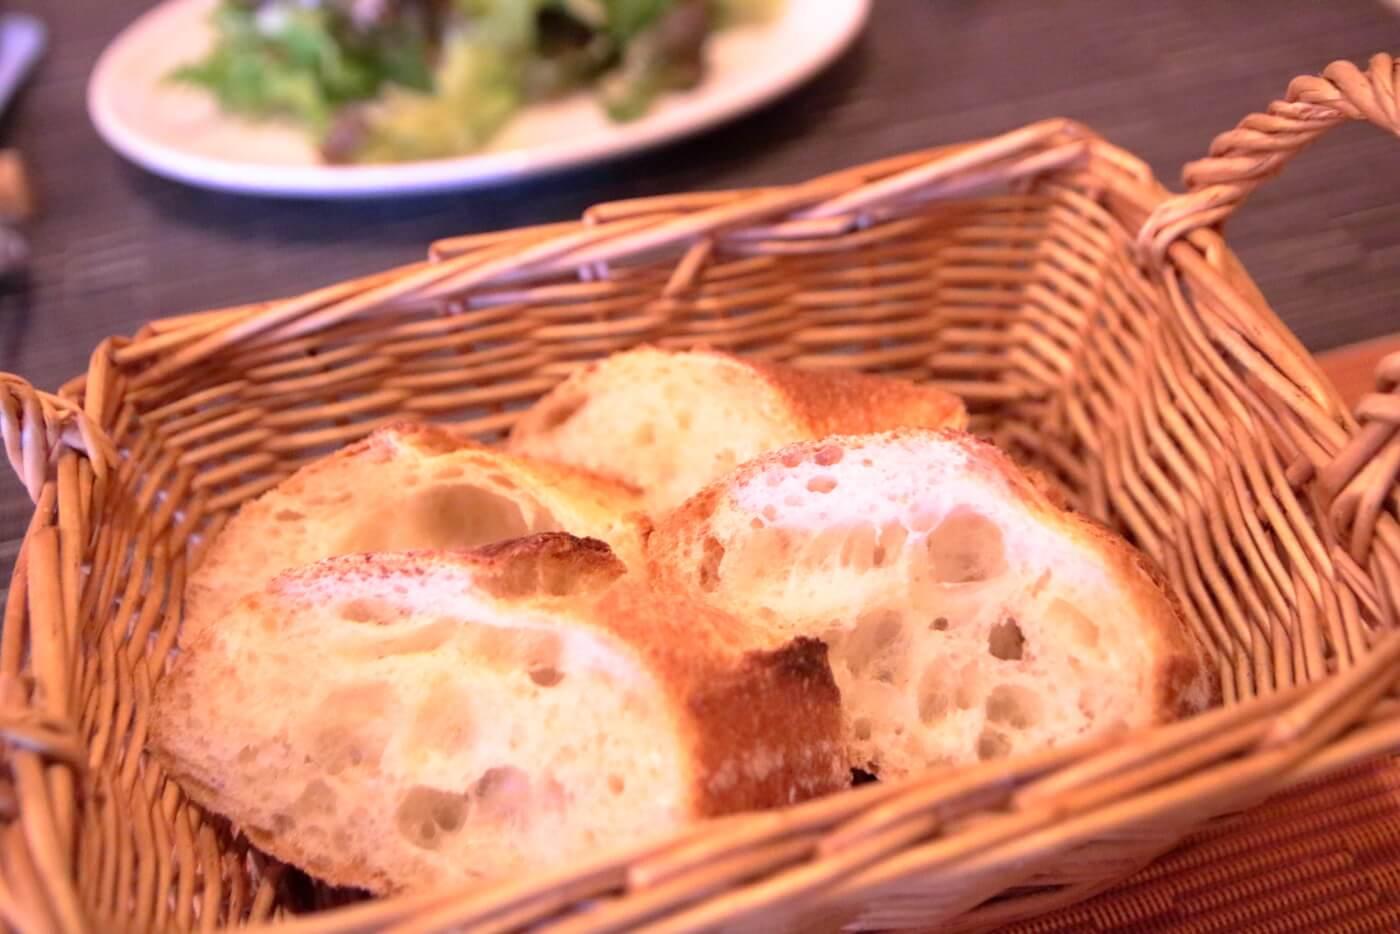 香美市土佐山田町のイタリア料理屋さんクアットロスタジオーニのランチに出されるバケット